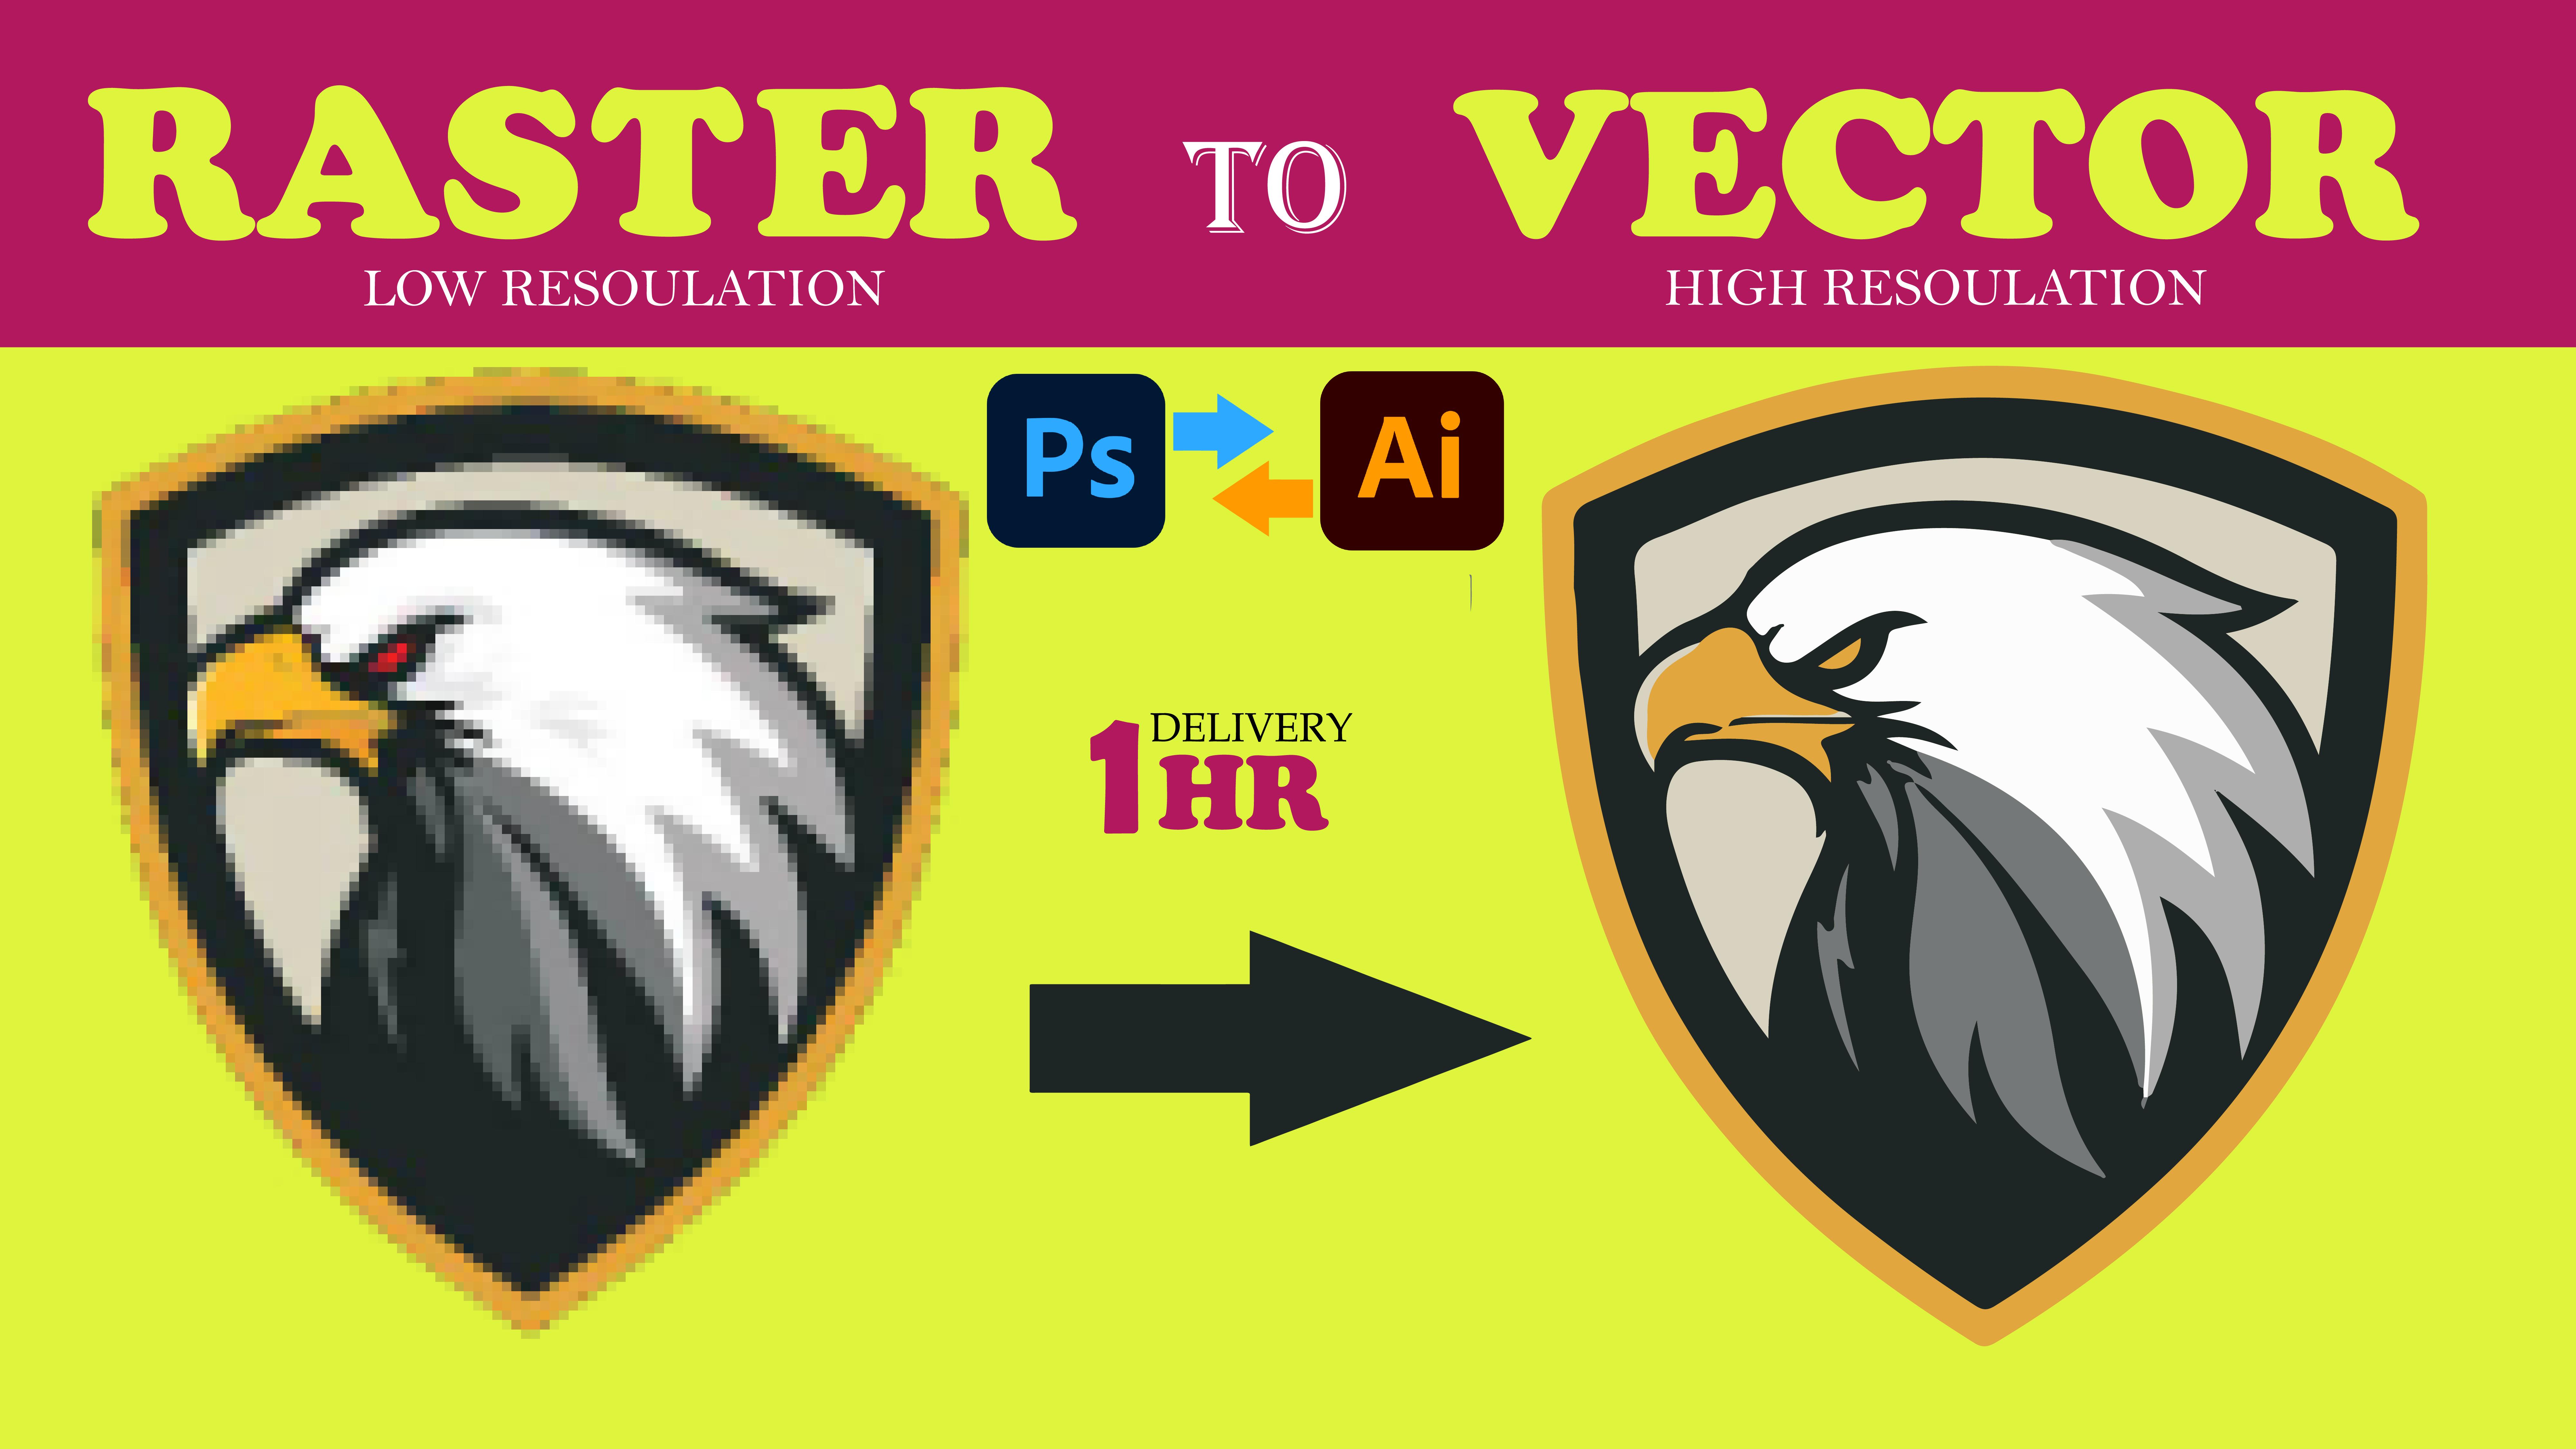 I will do I will do vector tracing redo repair modify edit fix